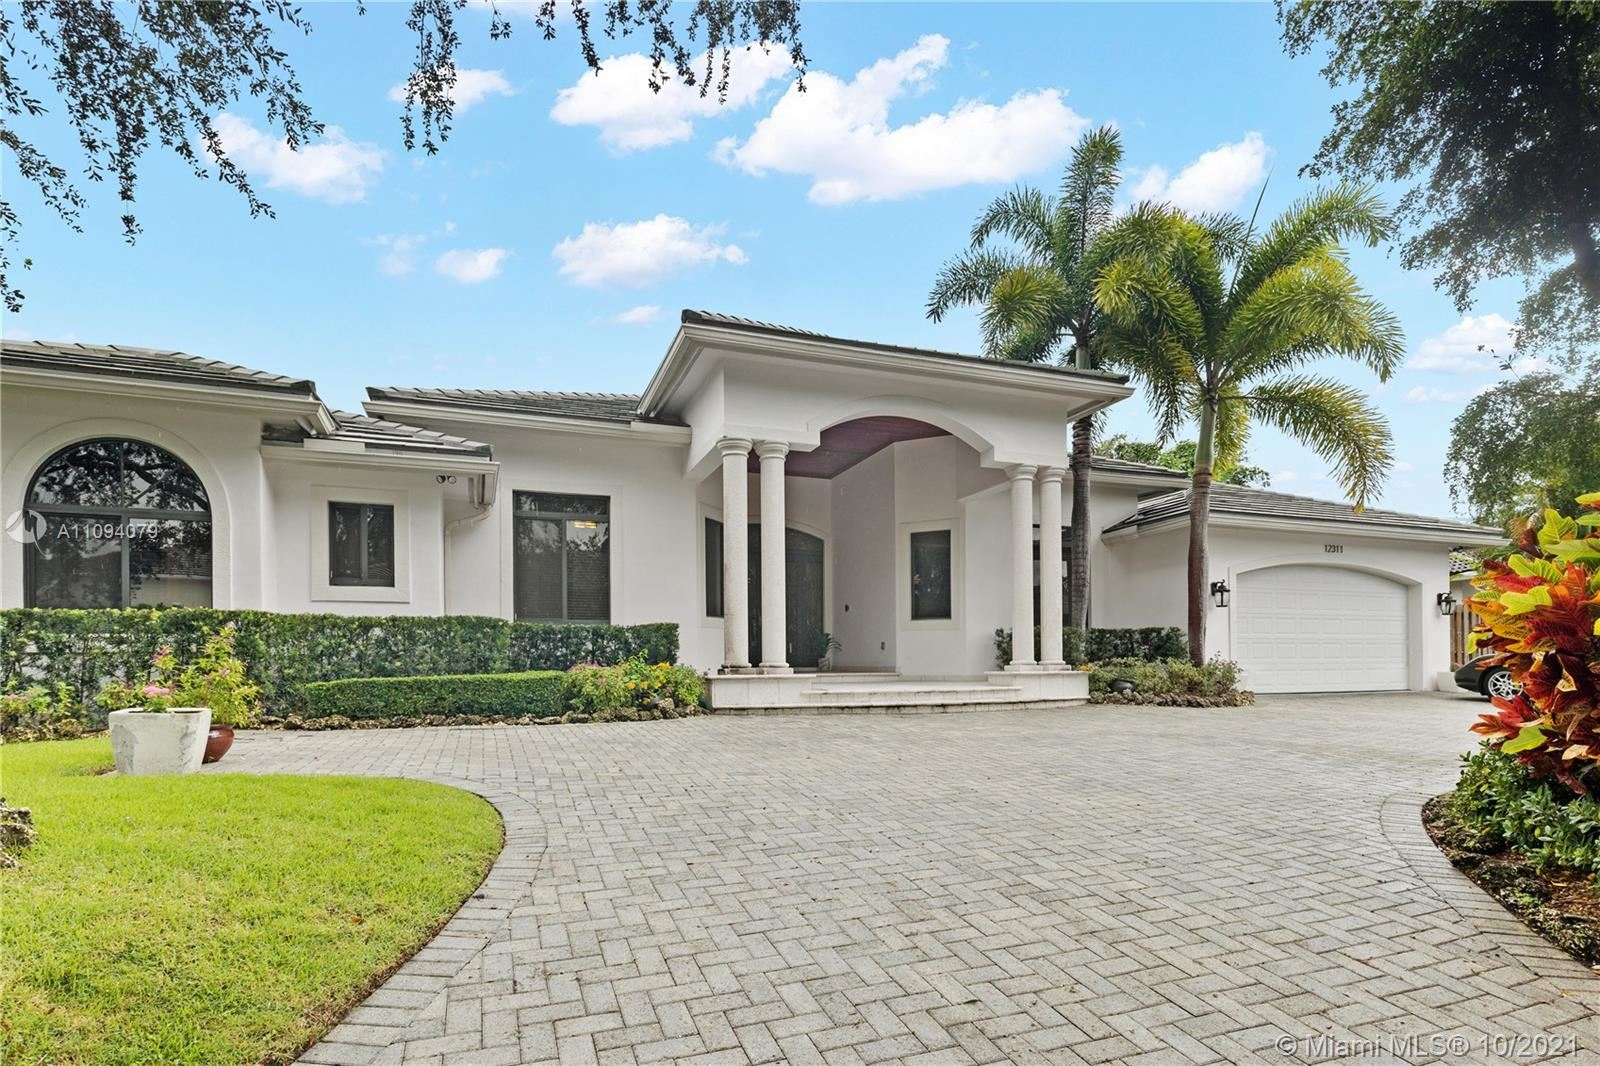 12311 SW 94th Ave, Miami, FL 33176 - #: A11094079